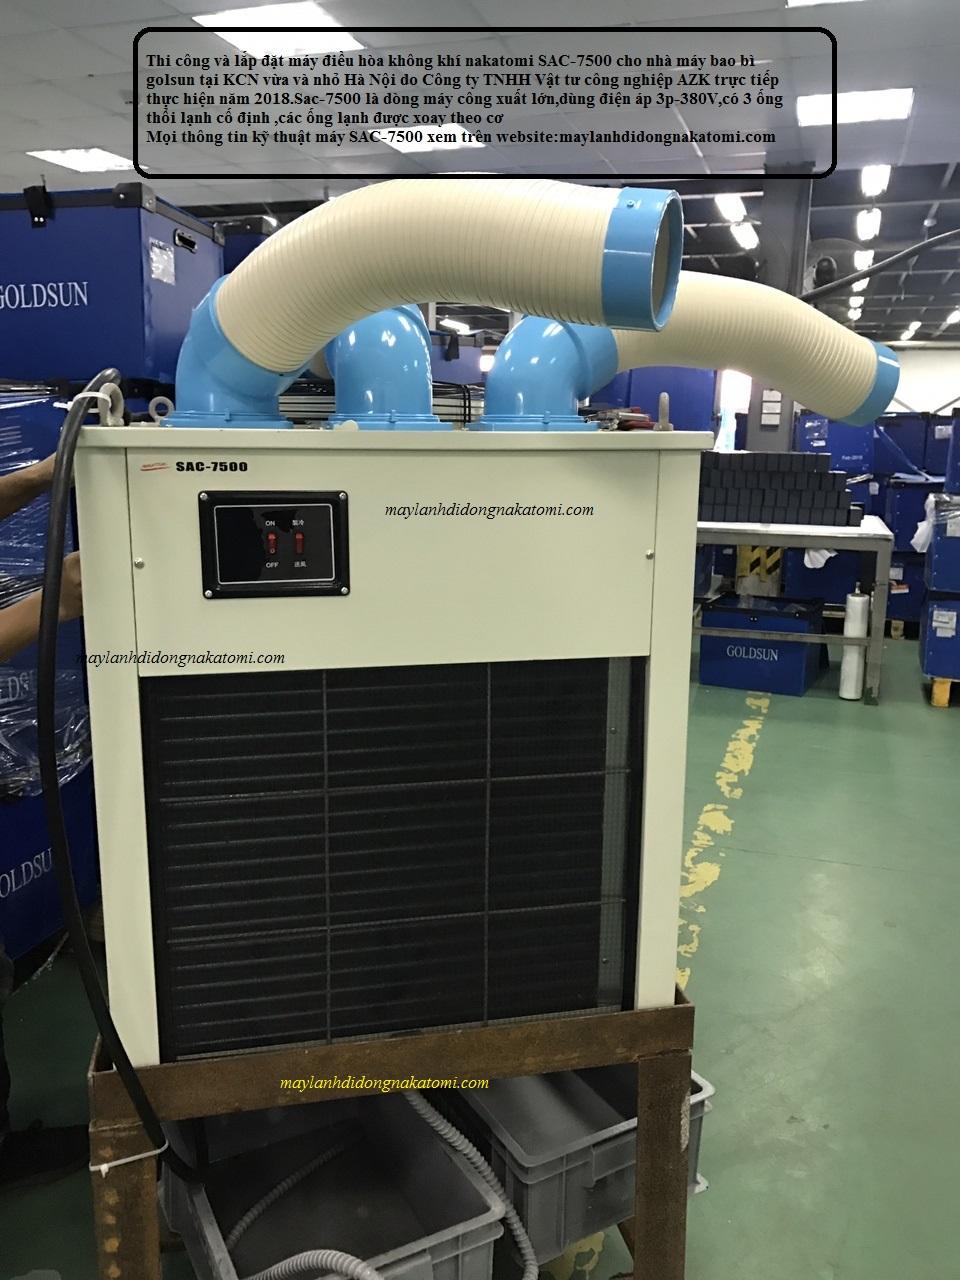 Thi công lắp máy lạnh di động nakatomi SAC-7500 cho nhà máy bao bì GOLDSUN-2